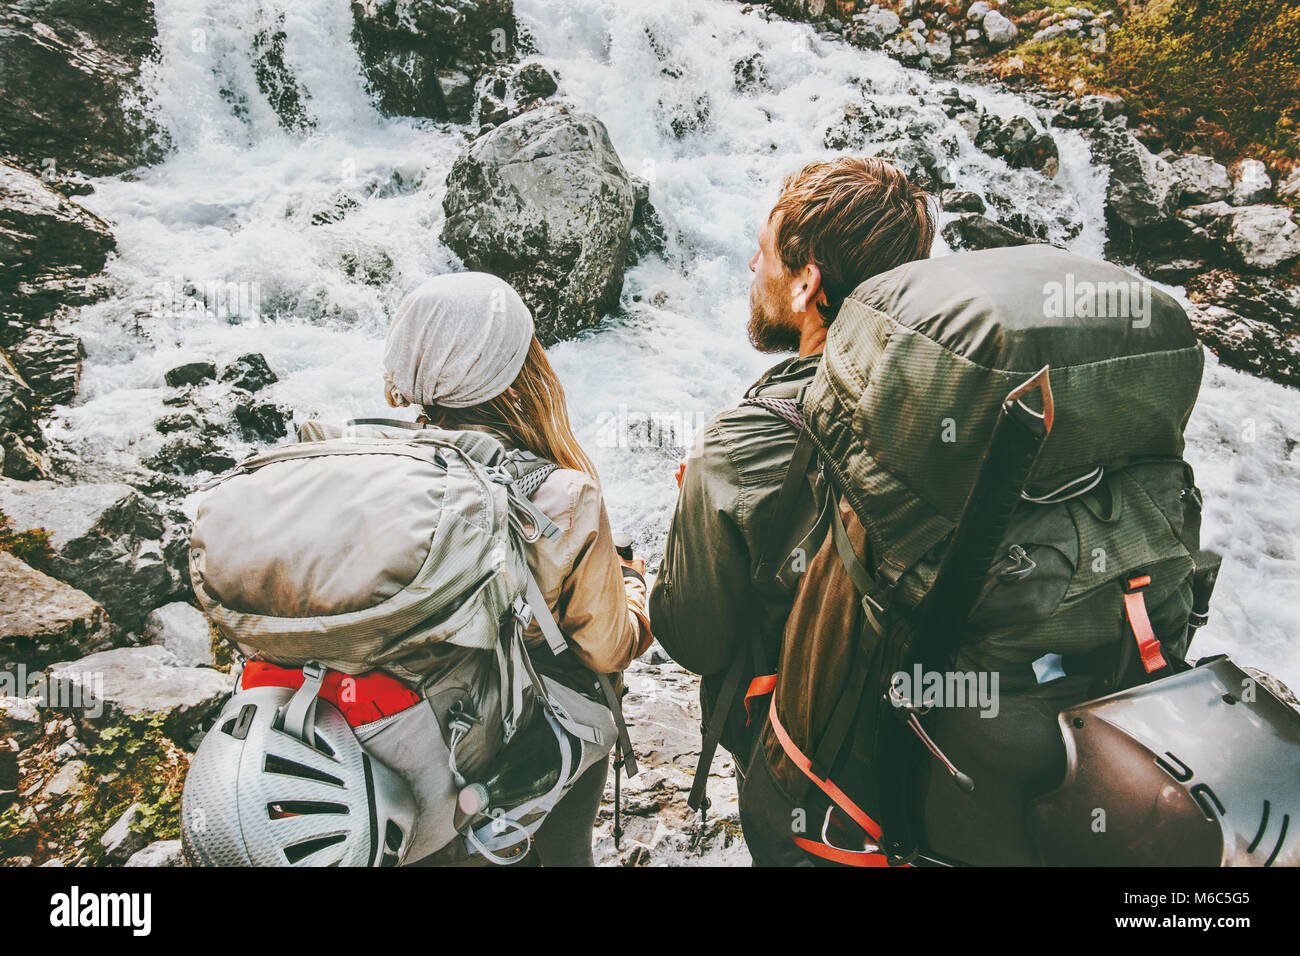 Giovane backpackers escursioni in montagna insieme amore e viaggi avventura Lifestyle wanderlust concetto vacanze Immagini Stock